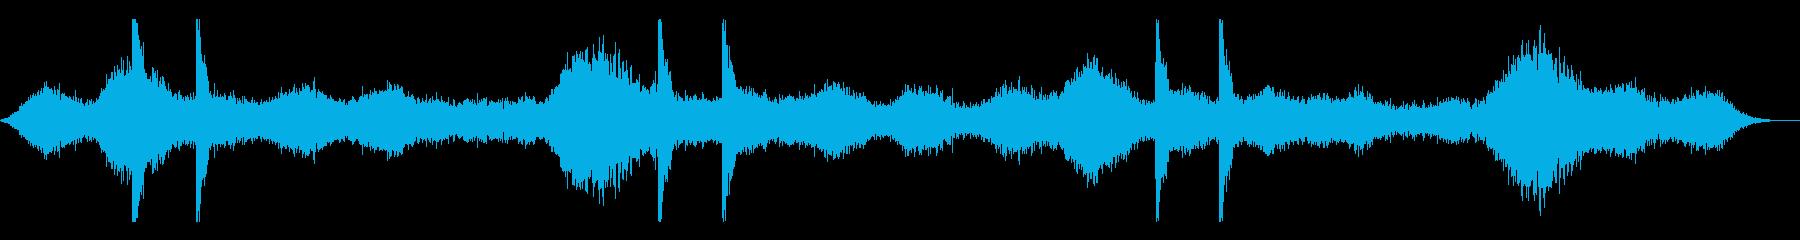 ダークファンタジー系アンビエントの再生済みの波形